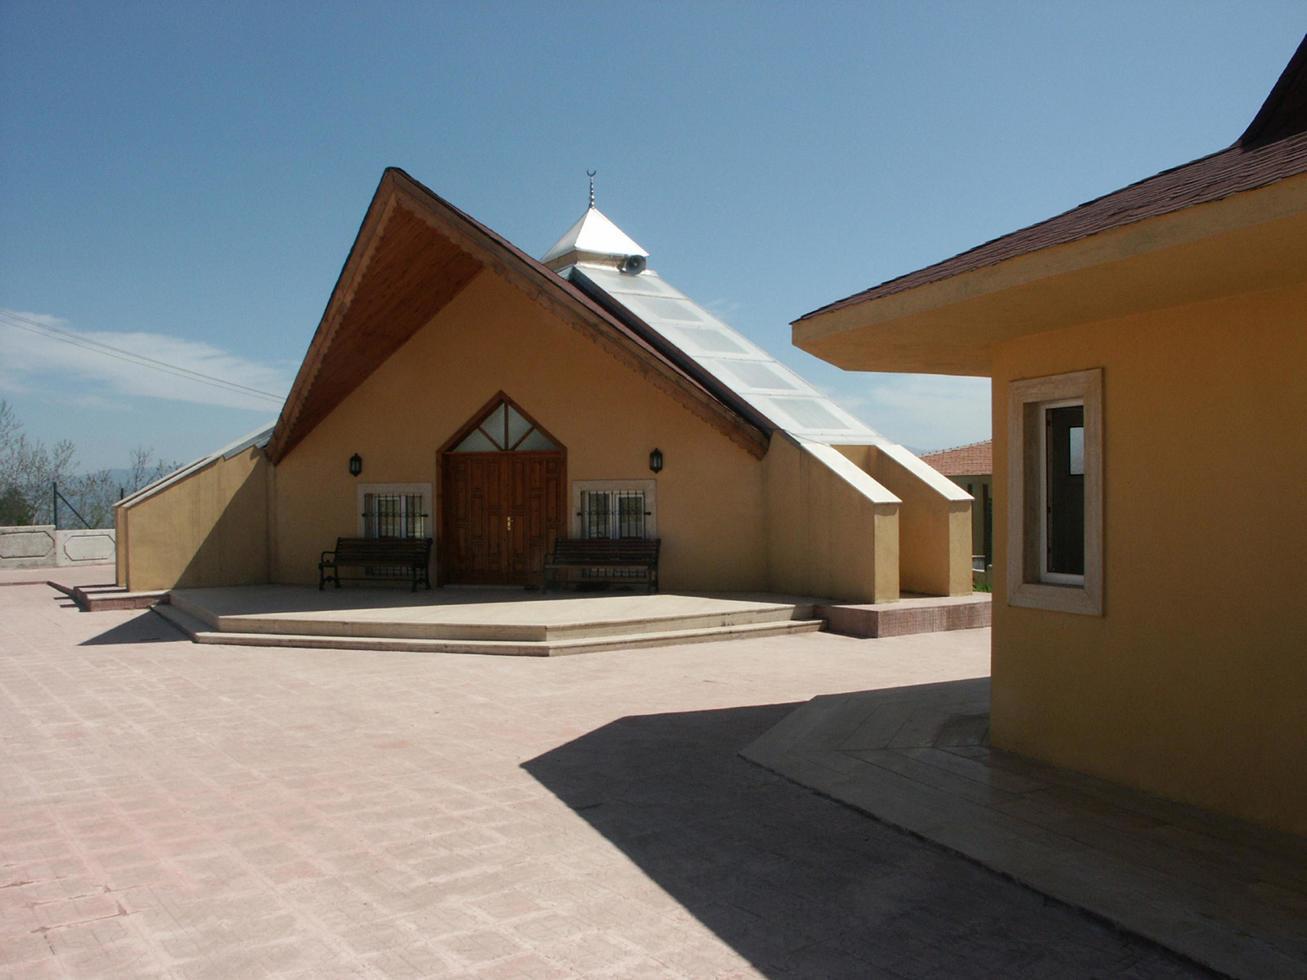 una mezquita moderna, un lugar de culto para los musulmanes foto